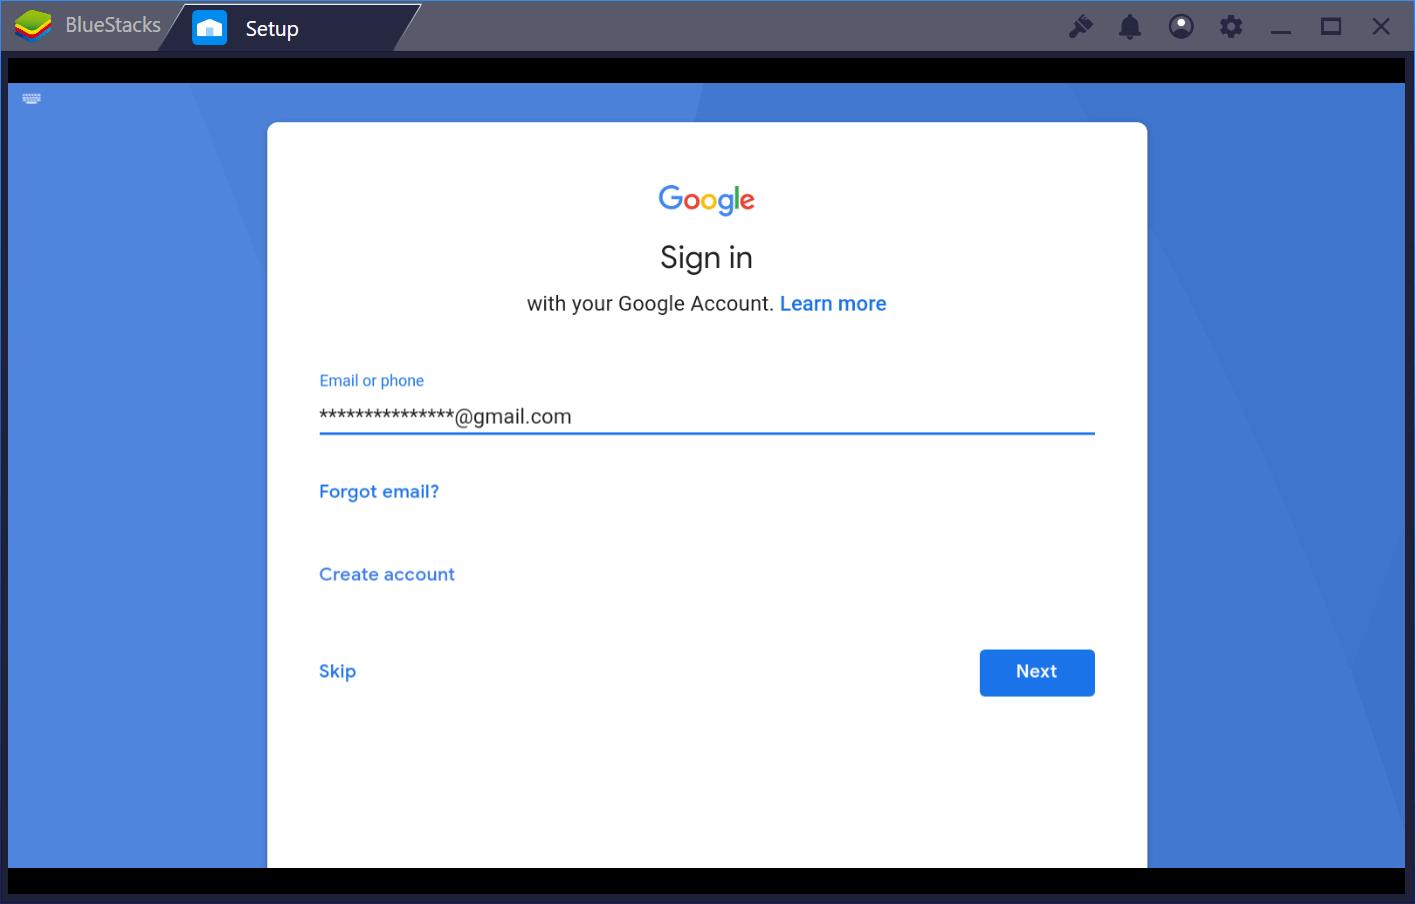 Google sign in Bluestacks